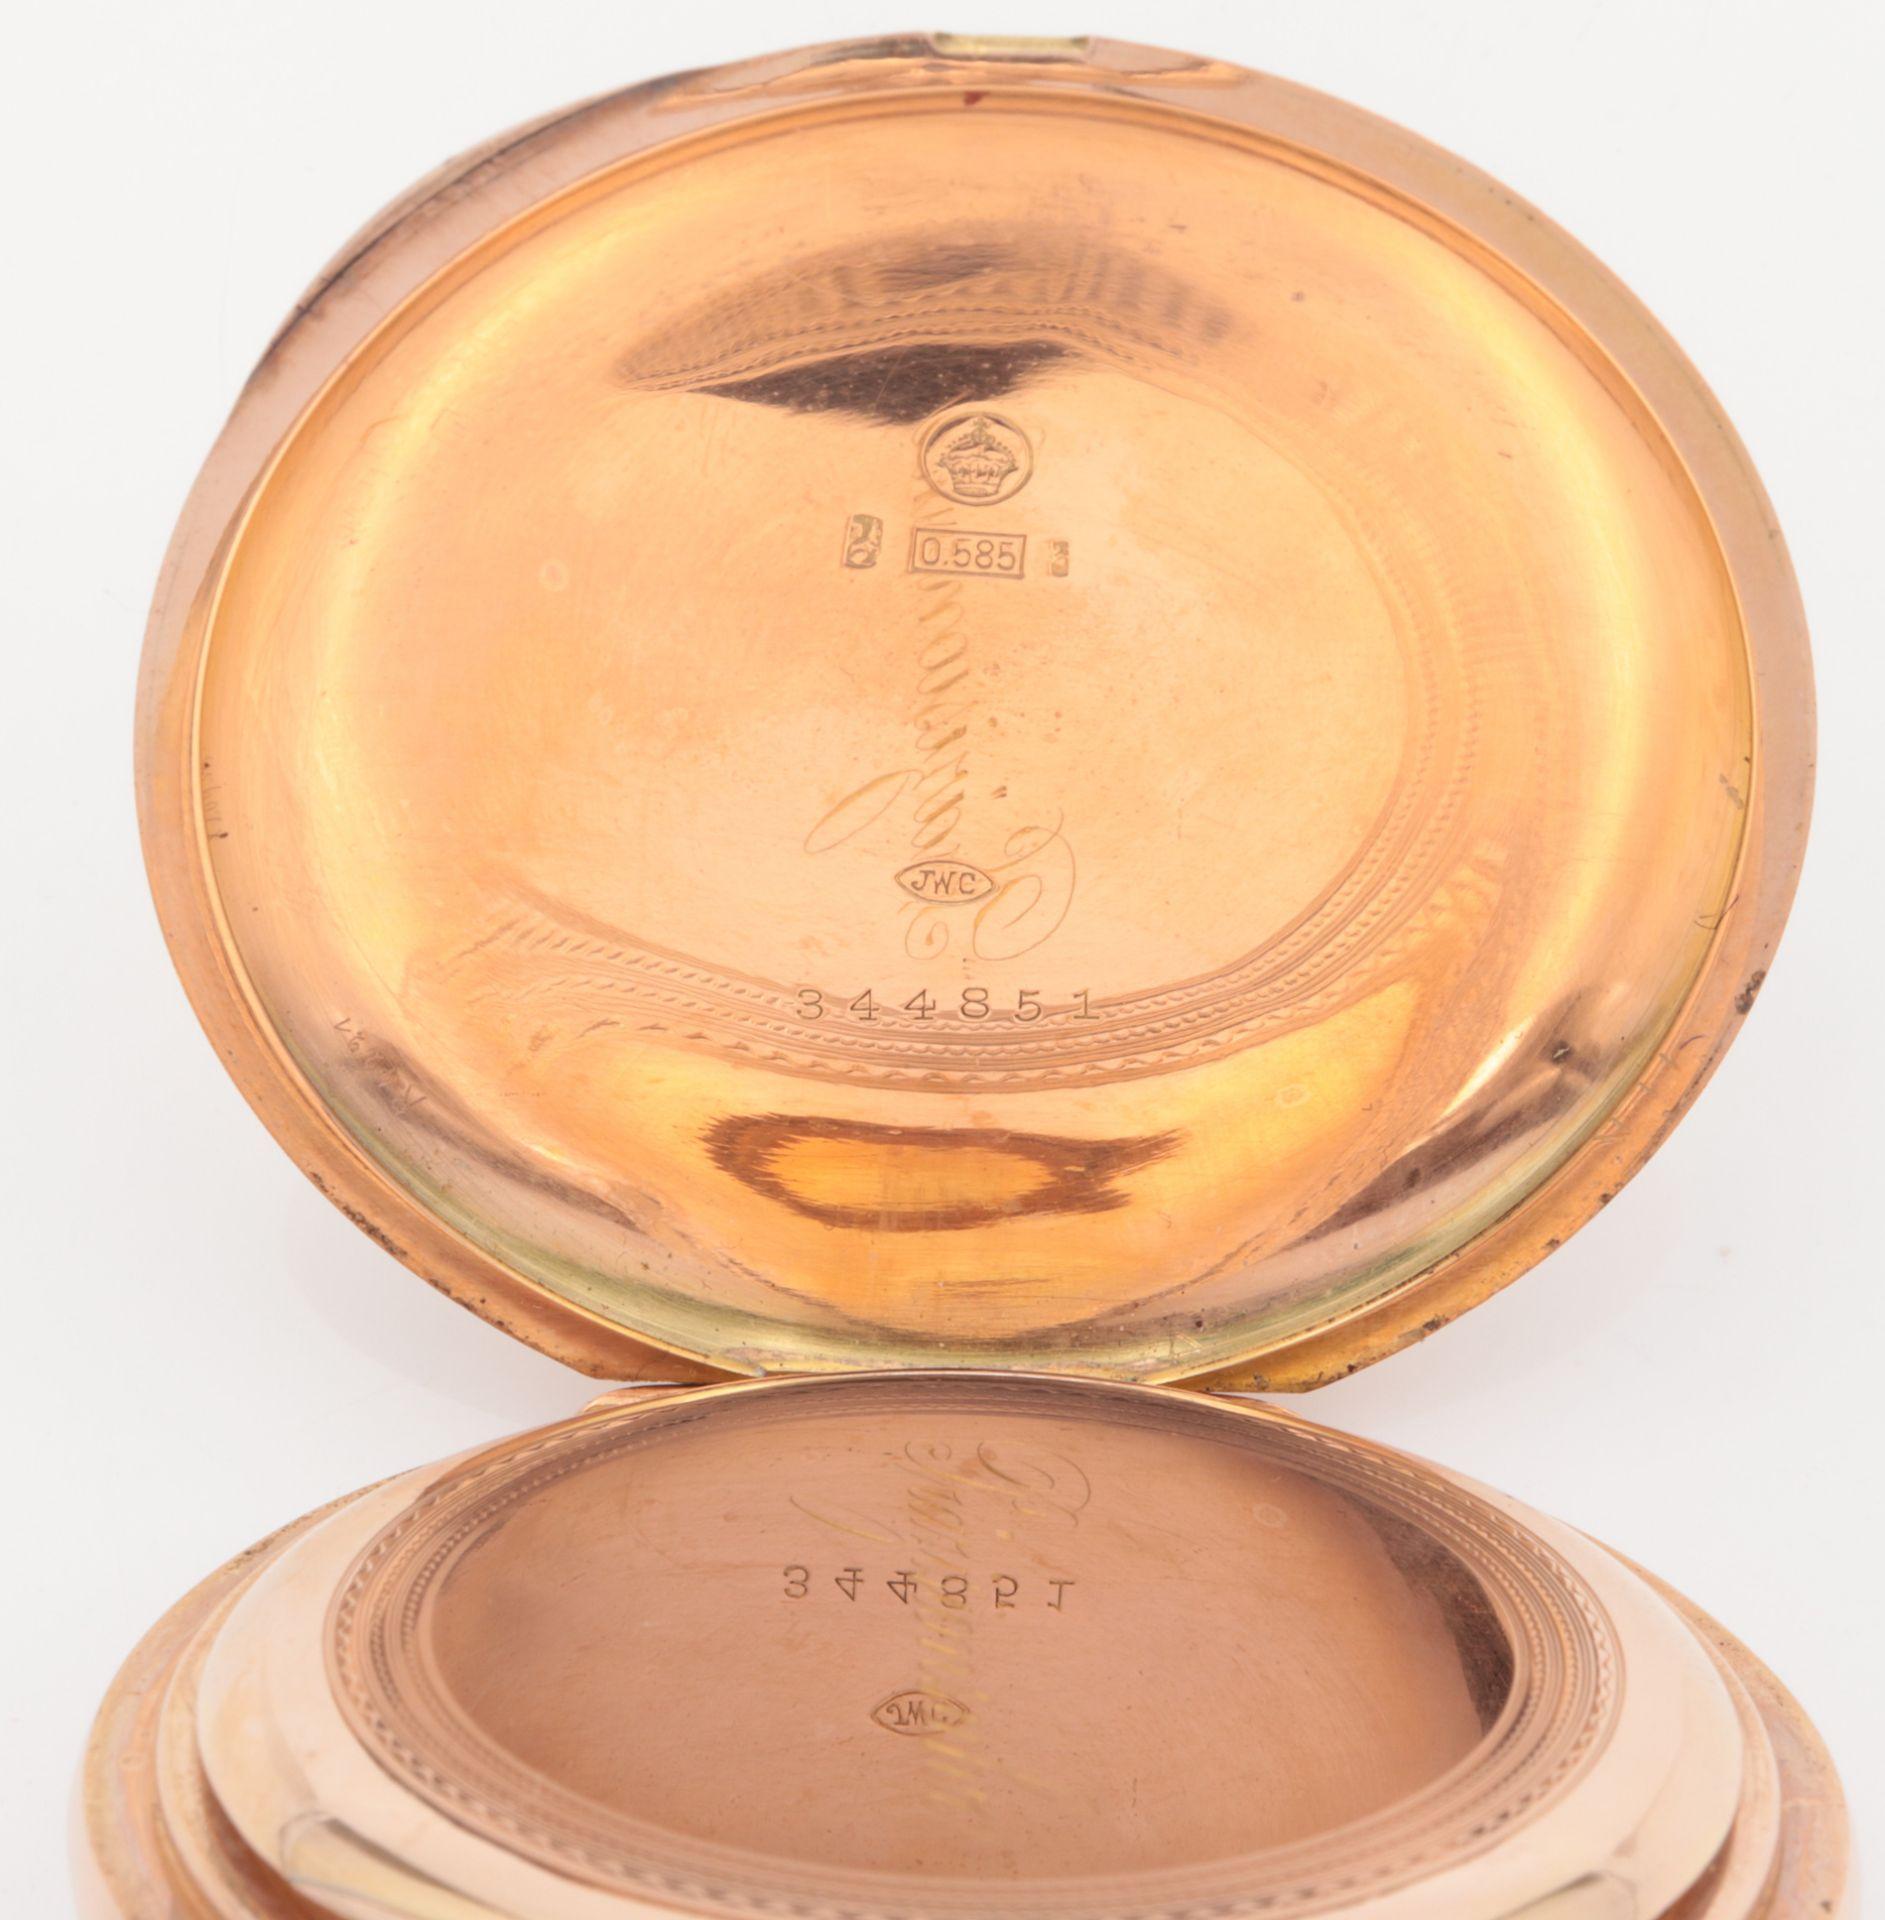 IWC – Herrentaschenuhr Gelbgold 585, 14Kt, Savonette, Dca.5cm, weißes Emailzifferbl - Image 16 of 22